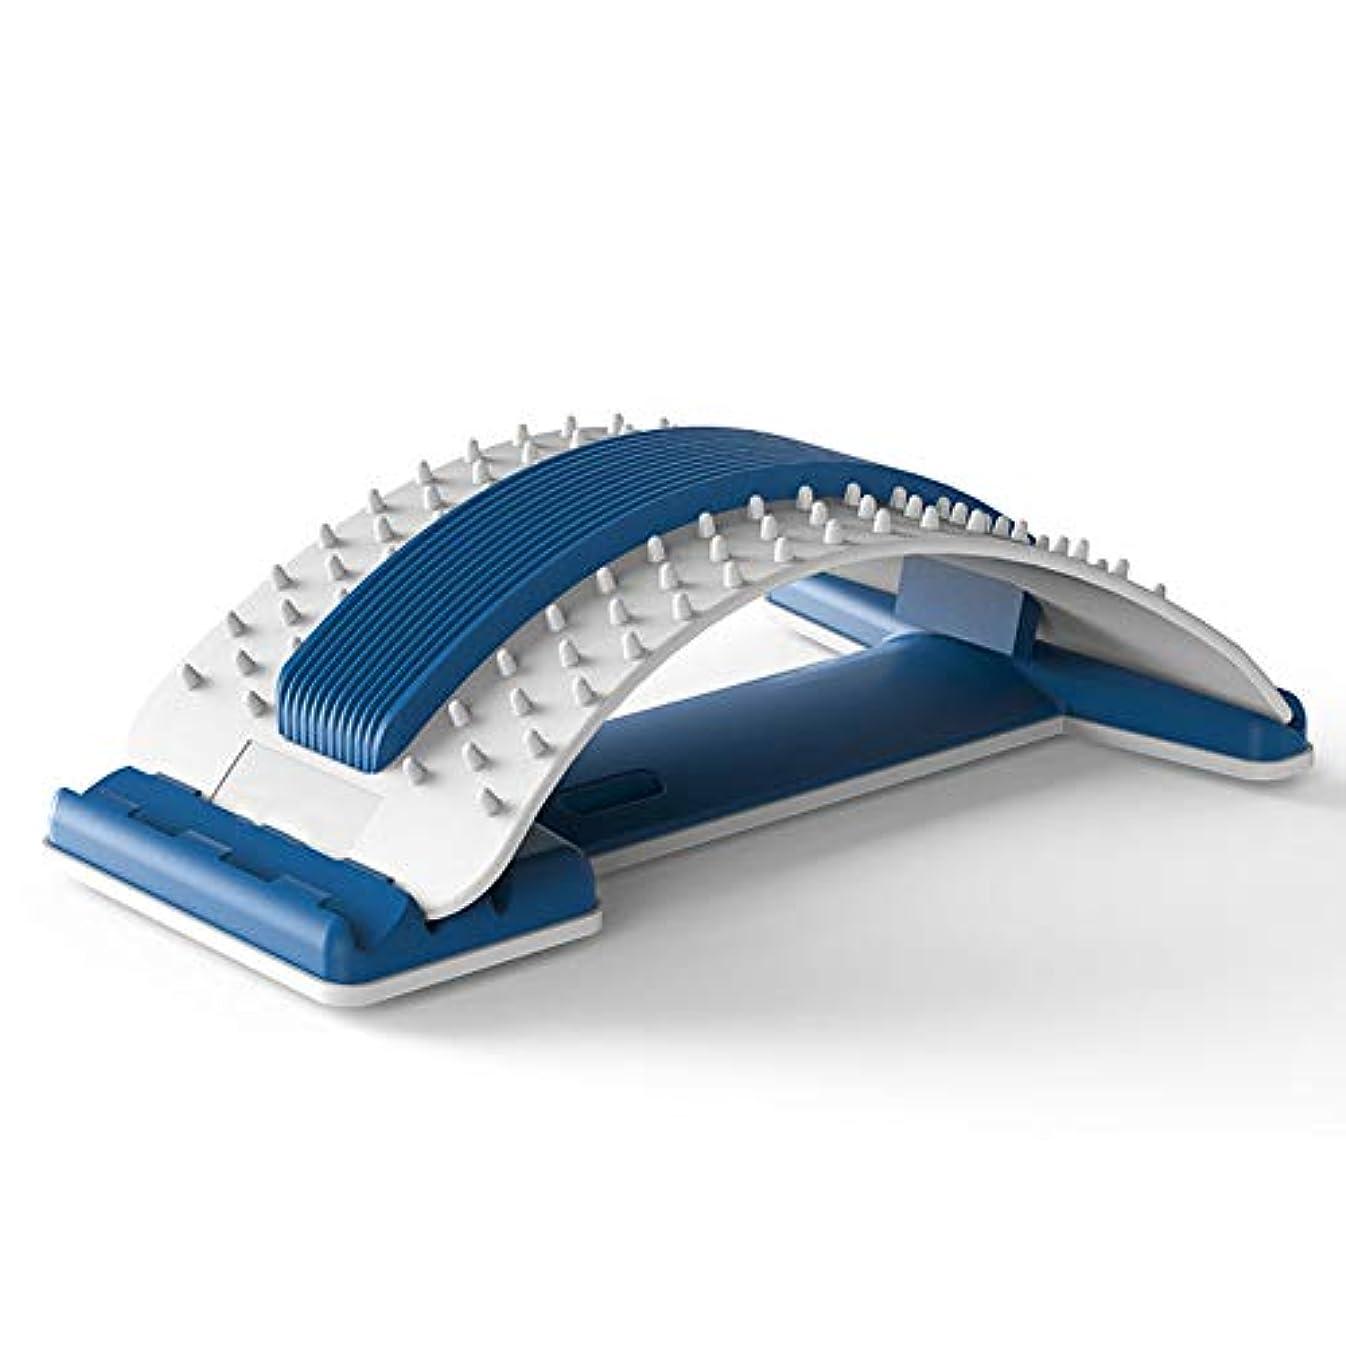 を除く切るトレッド腰椎矯正腰椎間板ヘルニアトラクターポータブル鍼治療パッド腰椎理学療法器具家庭用車